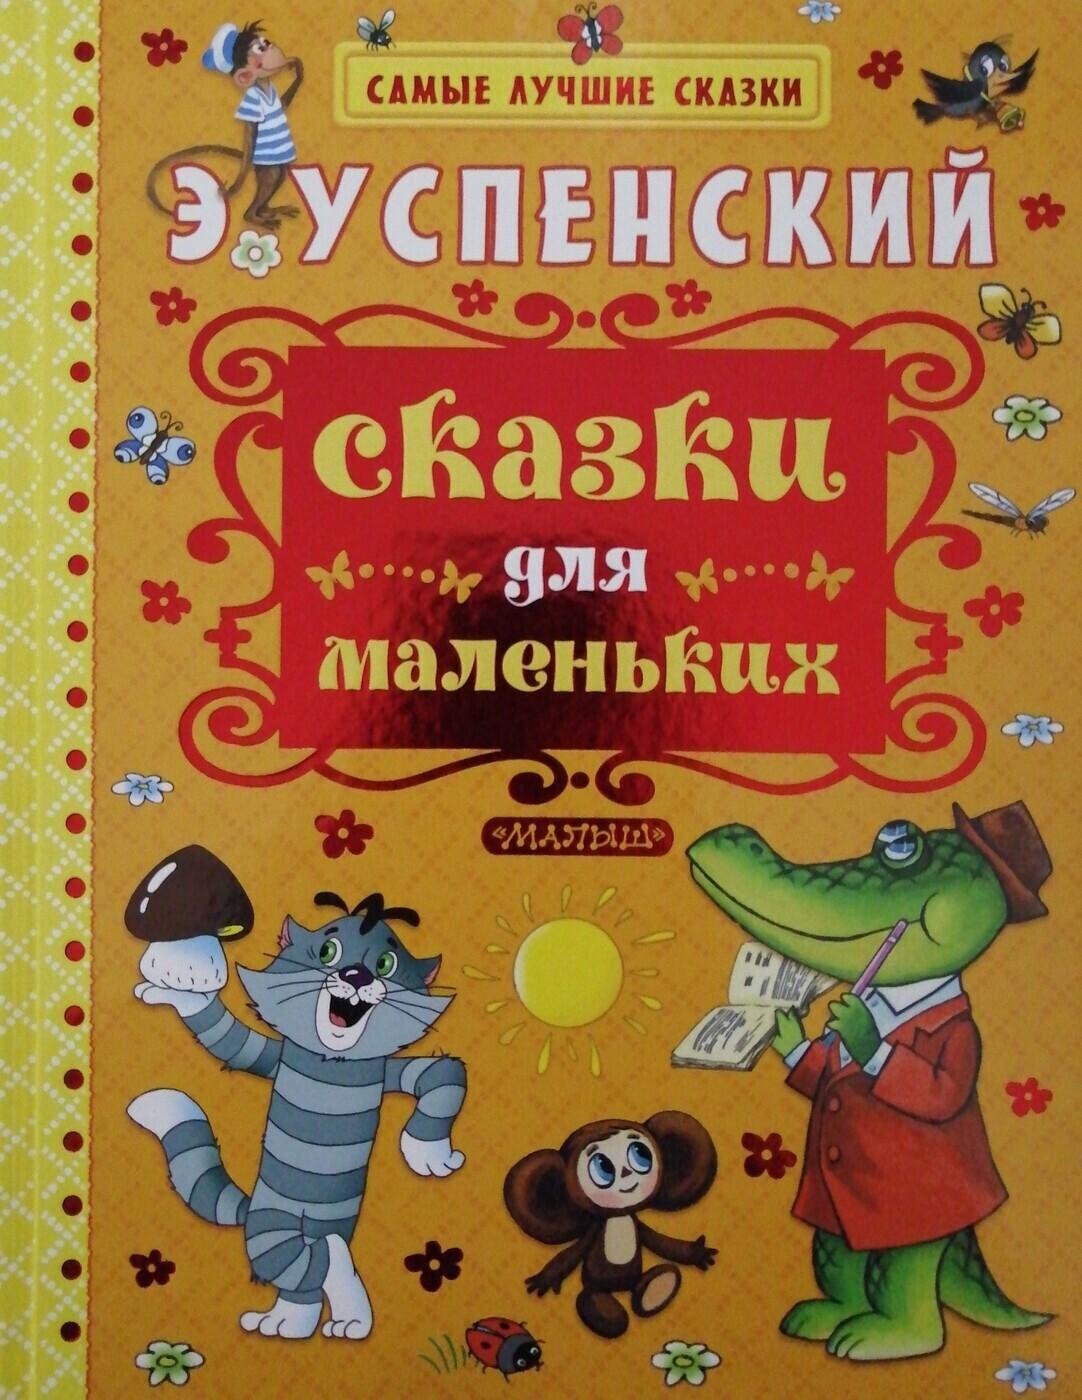 Сказки для маленьких; Эдуард Успенский